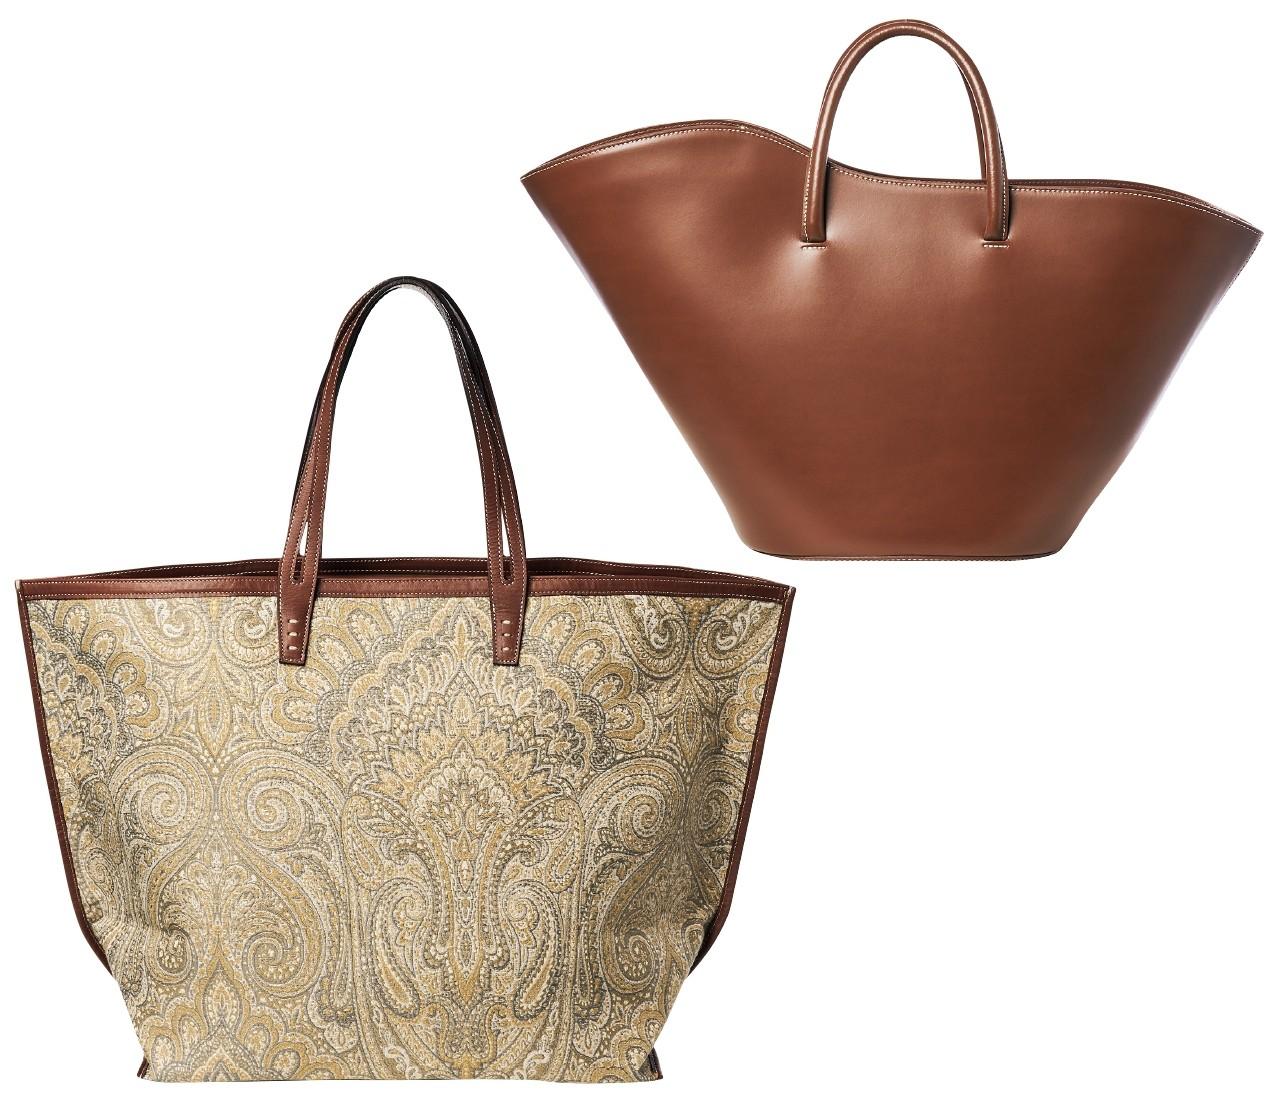 秋の新作バッグ、「舟形トートバッグ」におしゃれプロが熱い視線!